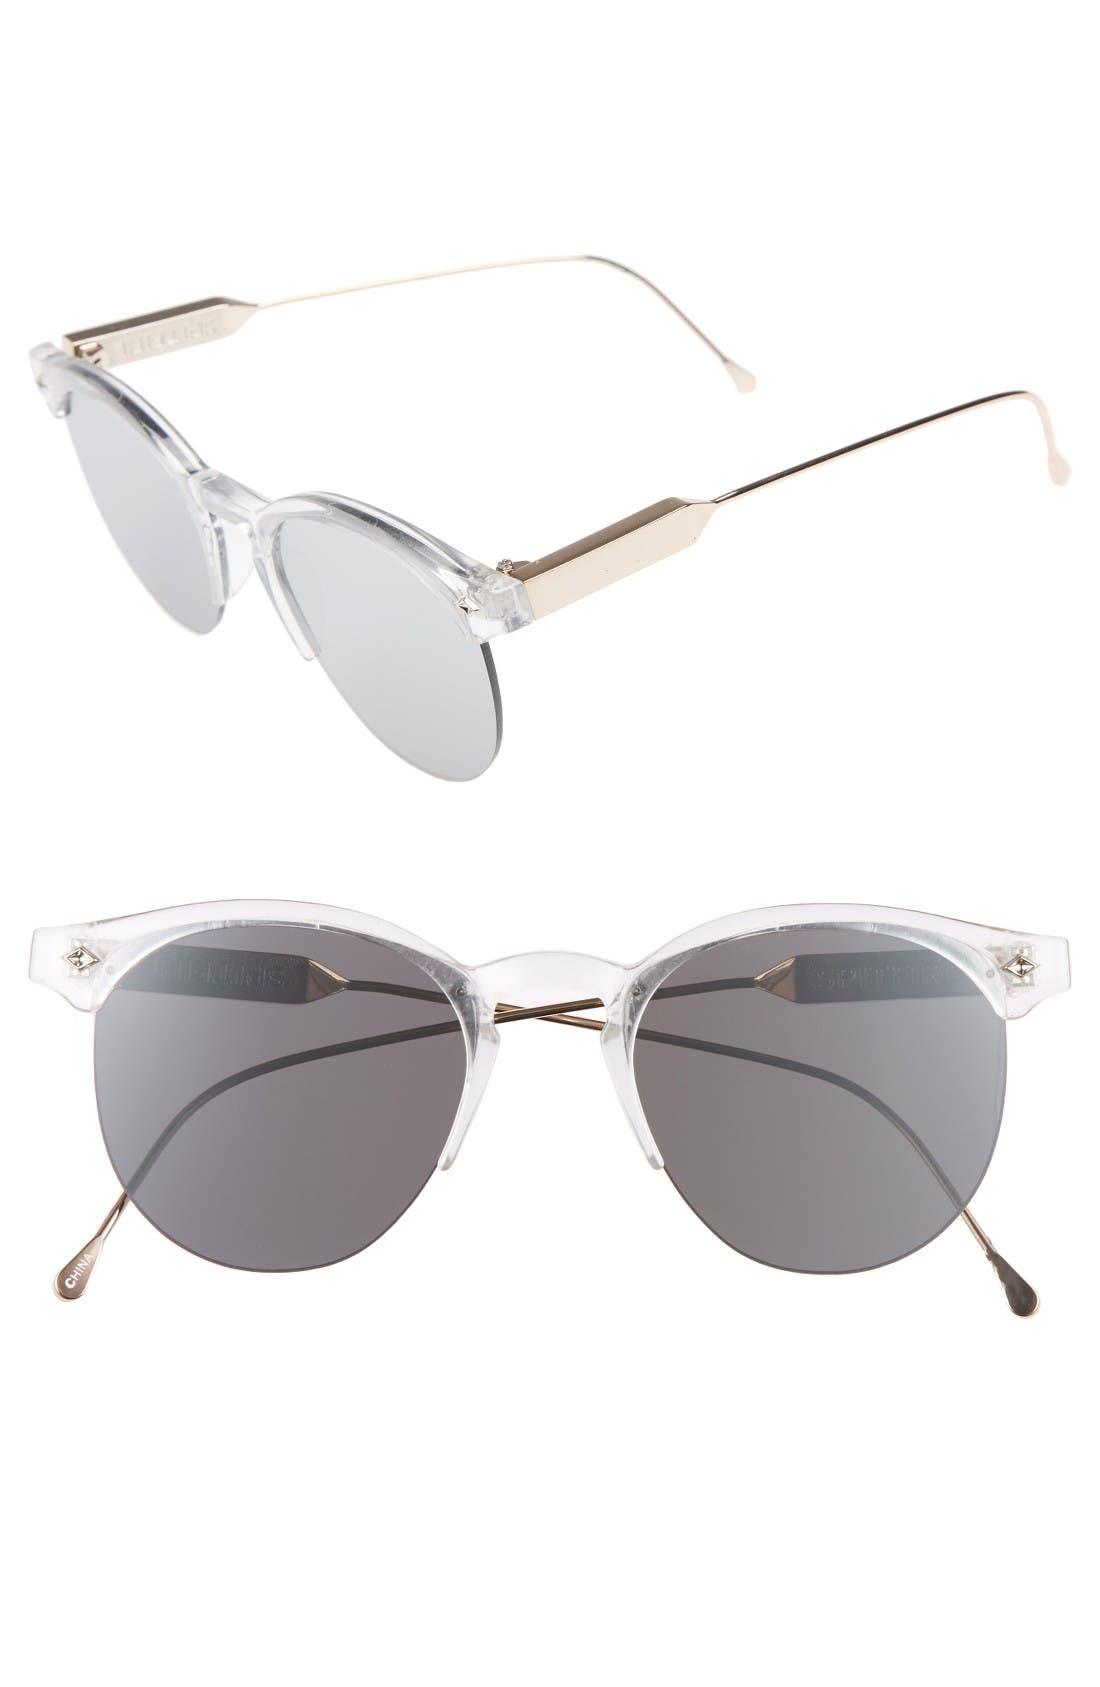 Spitfire Astro 50mm Retro Sunglasses